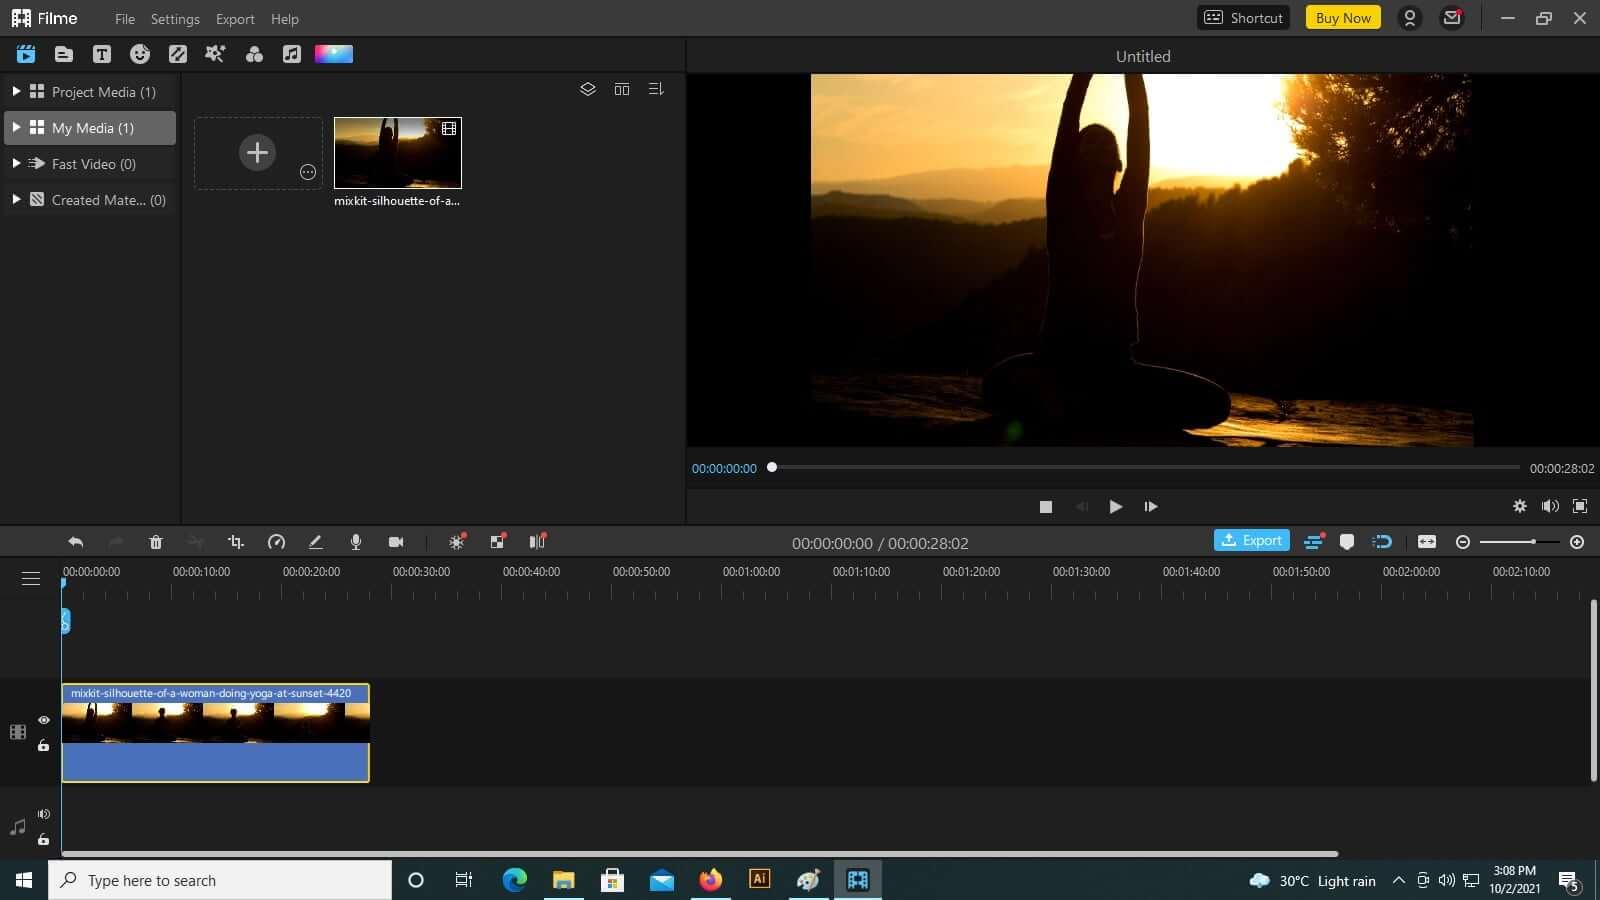 imyfone-filme-drag-video-on-timeline